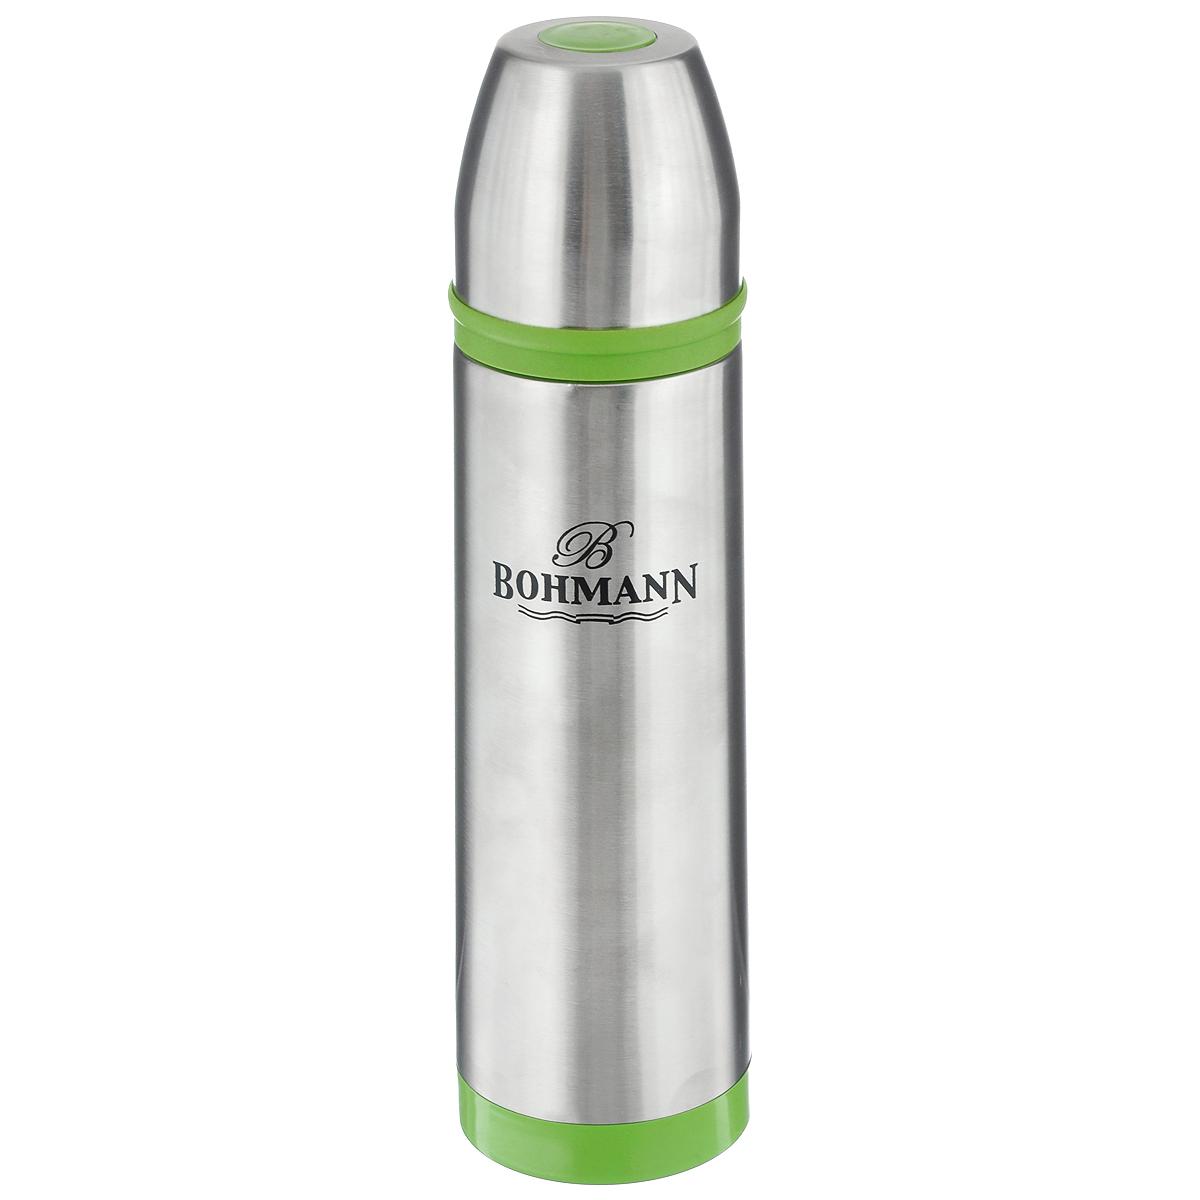 """Термос """"Bohmann"""" с узким горлом, цвет: салатовый, 500 мл"""